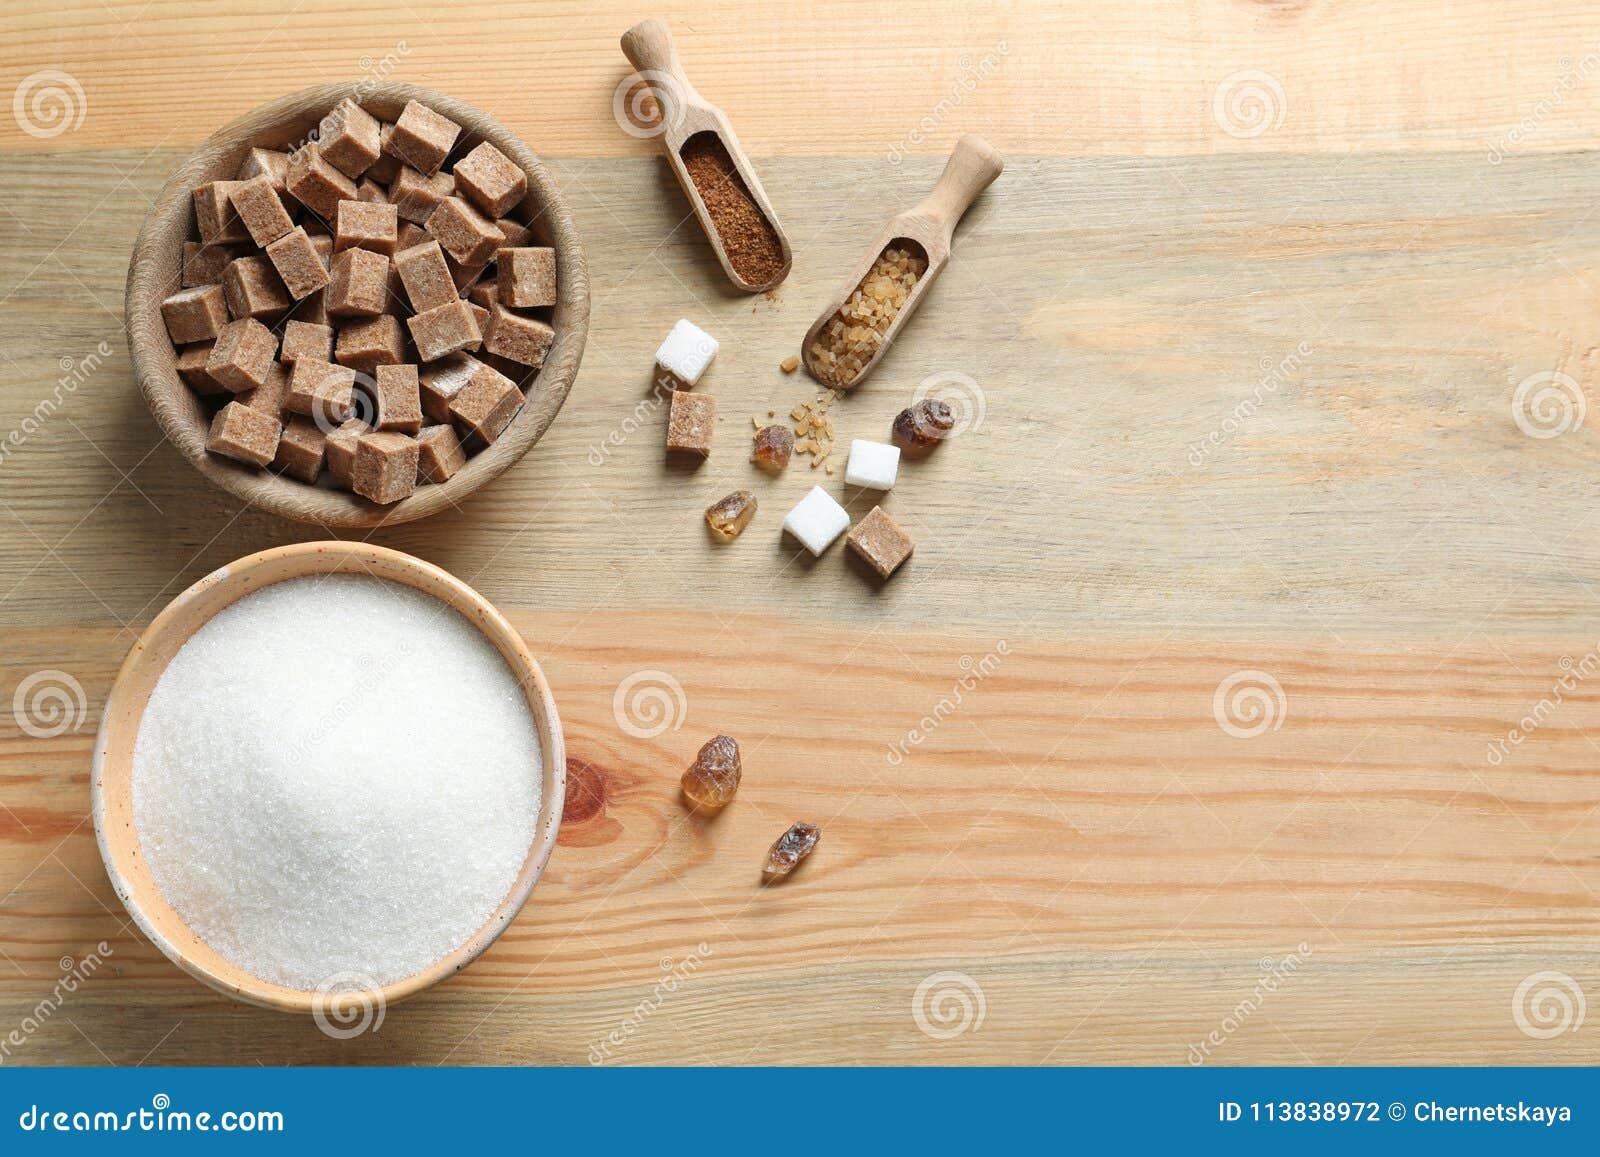 Vari generi di zucchero in ciotole